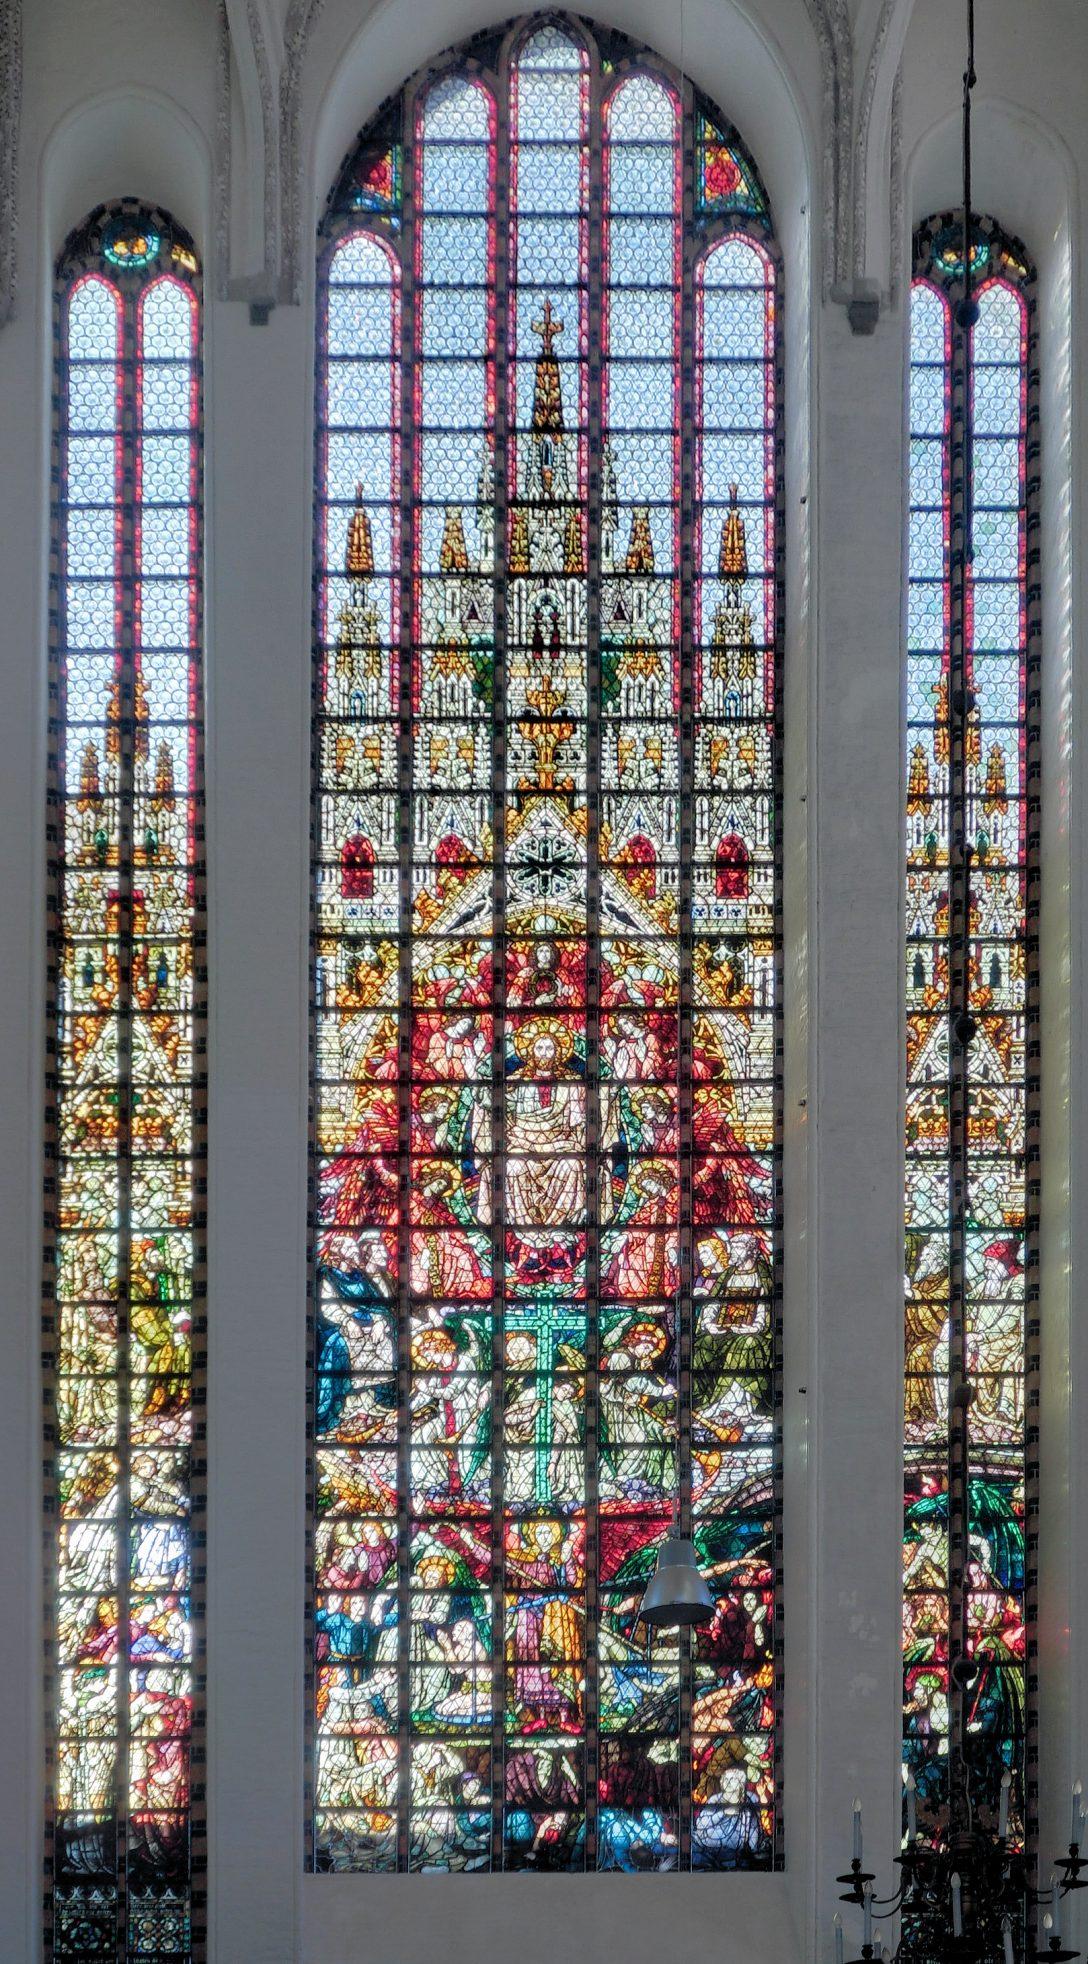 Large Size of Fenster Rostock Filerostock Marienkirche 2011 02 12jpg Wikimedia Insektenschutzrollo Felux Rc3 Einbruchschutz Stange Sonnenschutz Für Weru Sichern Gegen Fenster Fenster Rostock